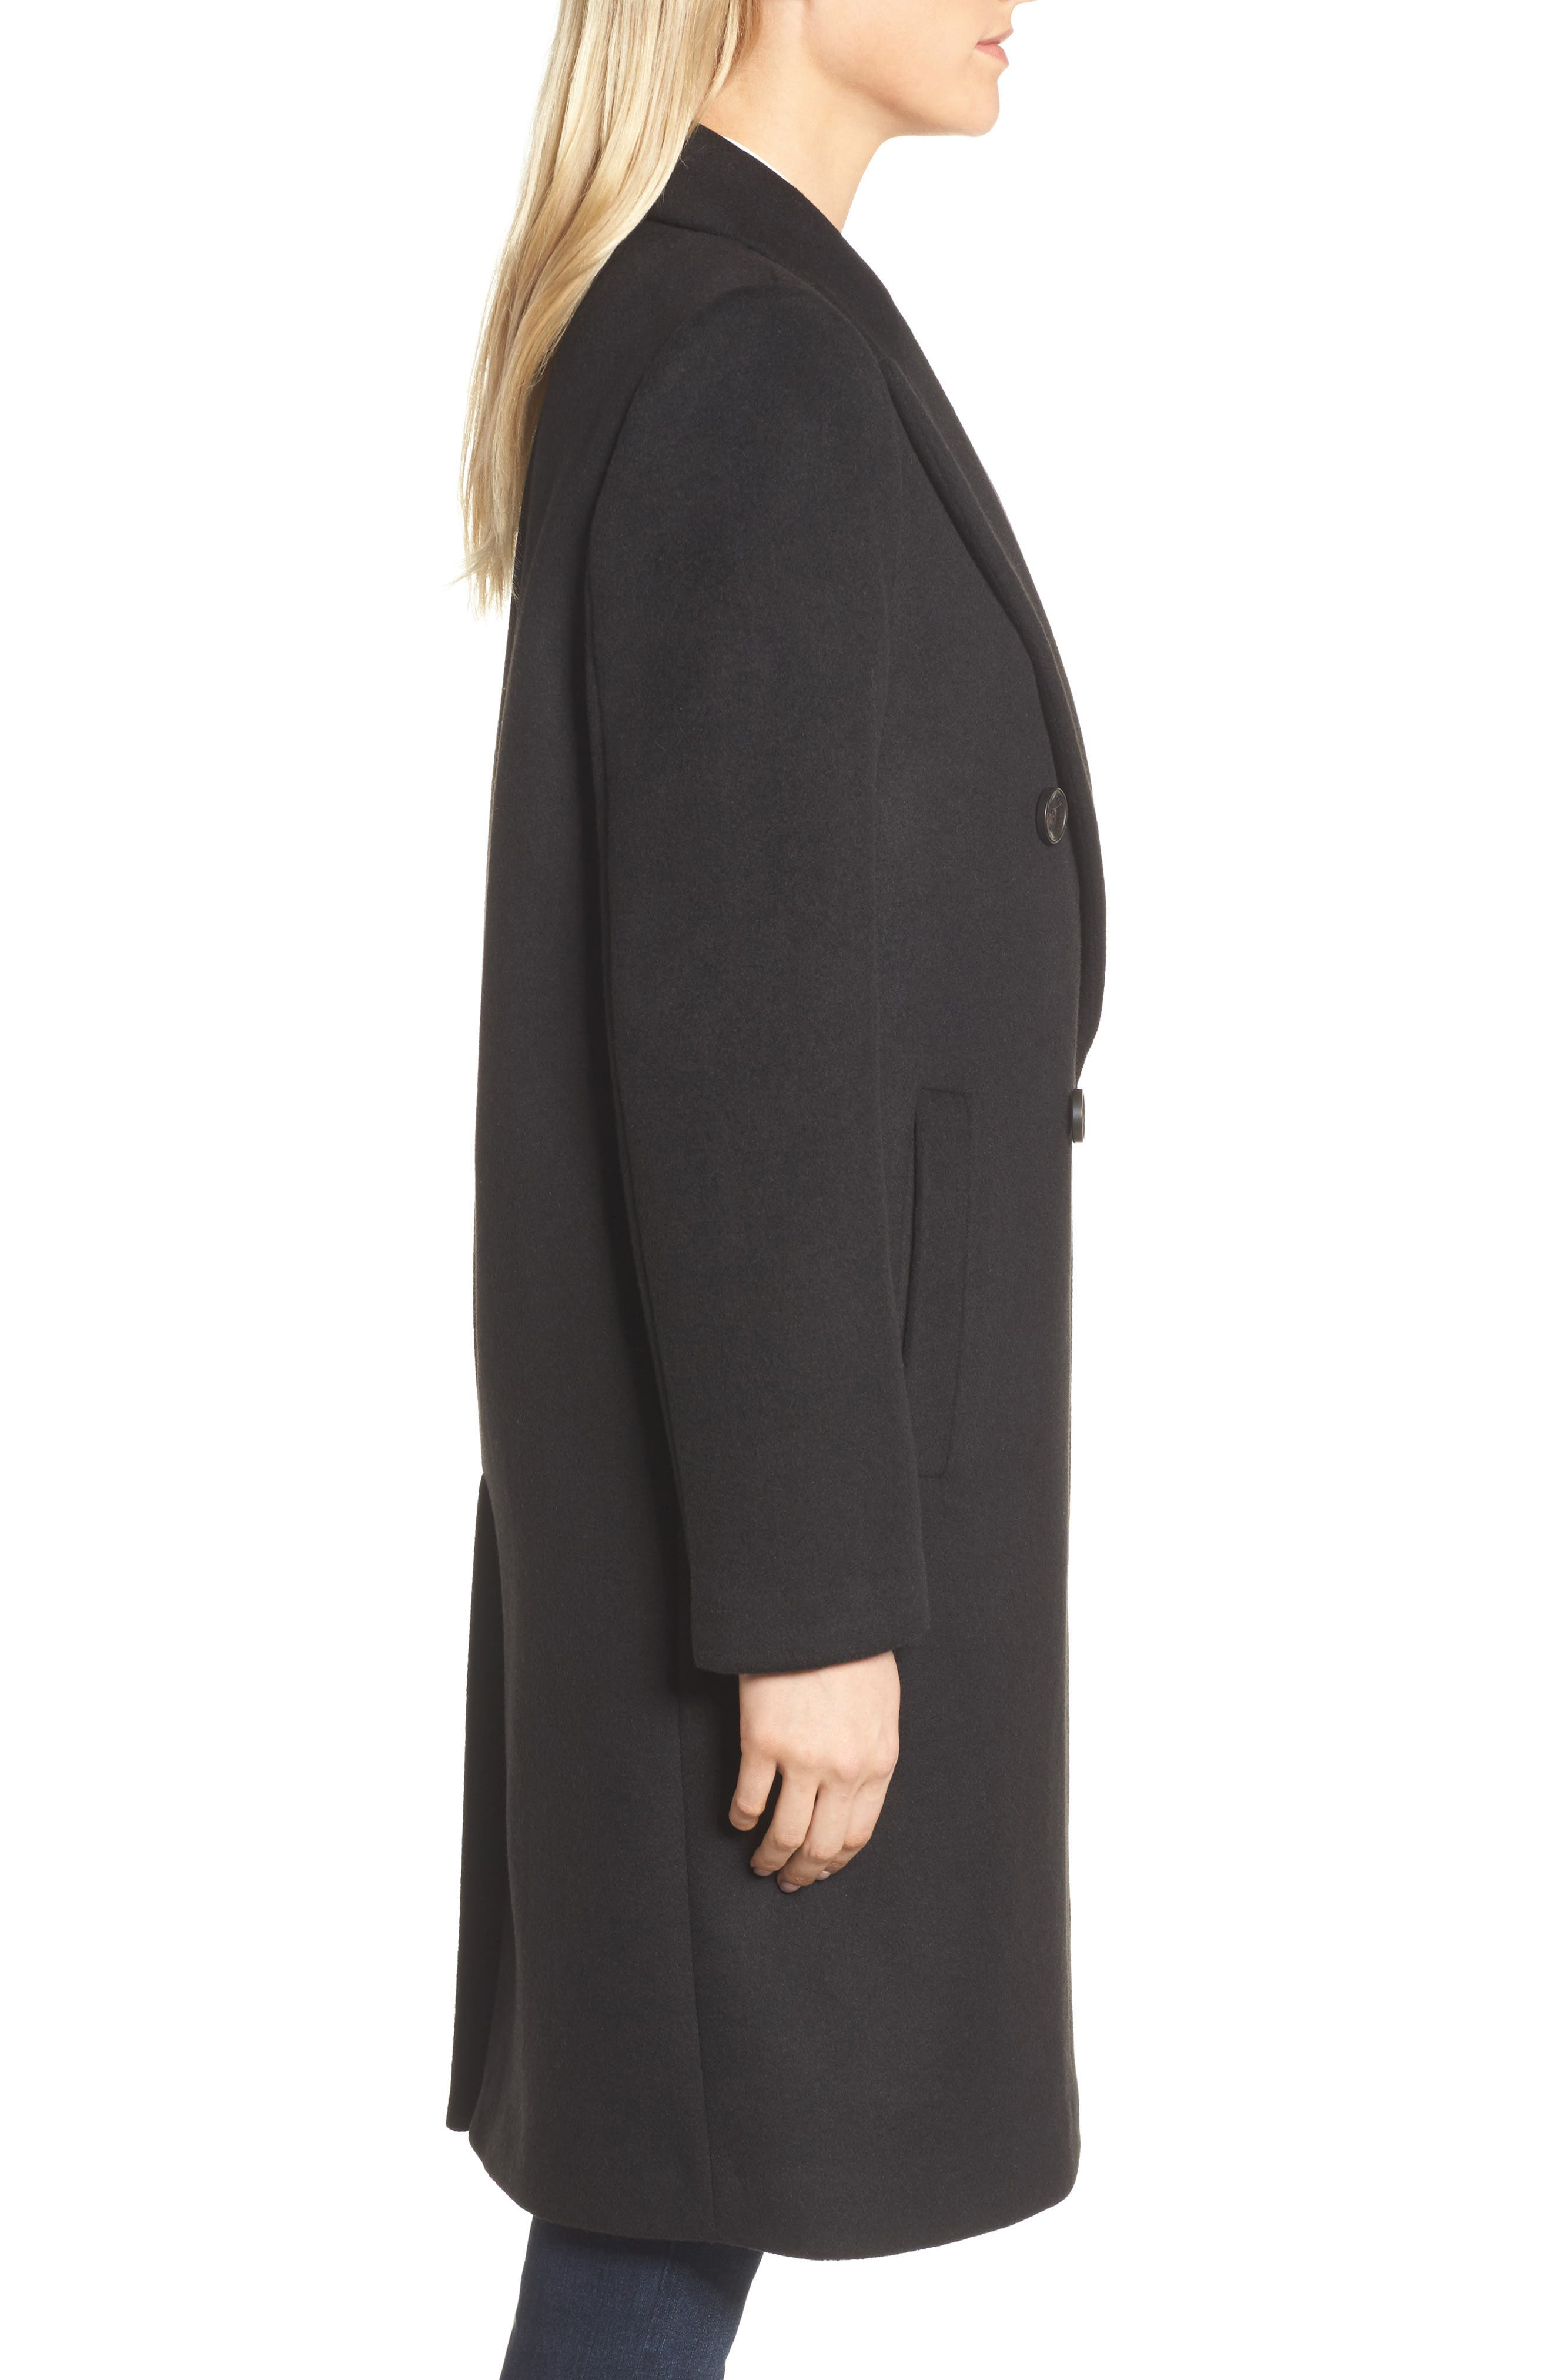 DKNY Lavish Wool Blend Coat,                             Alternate thumbnail 3, color,                             Black